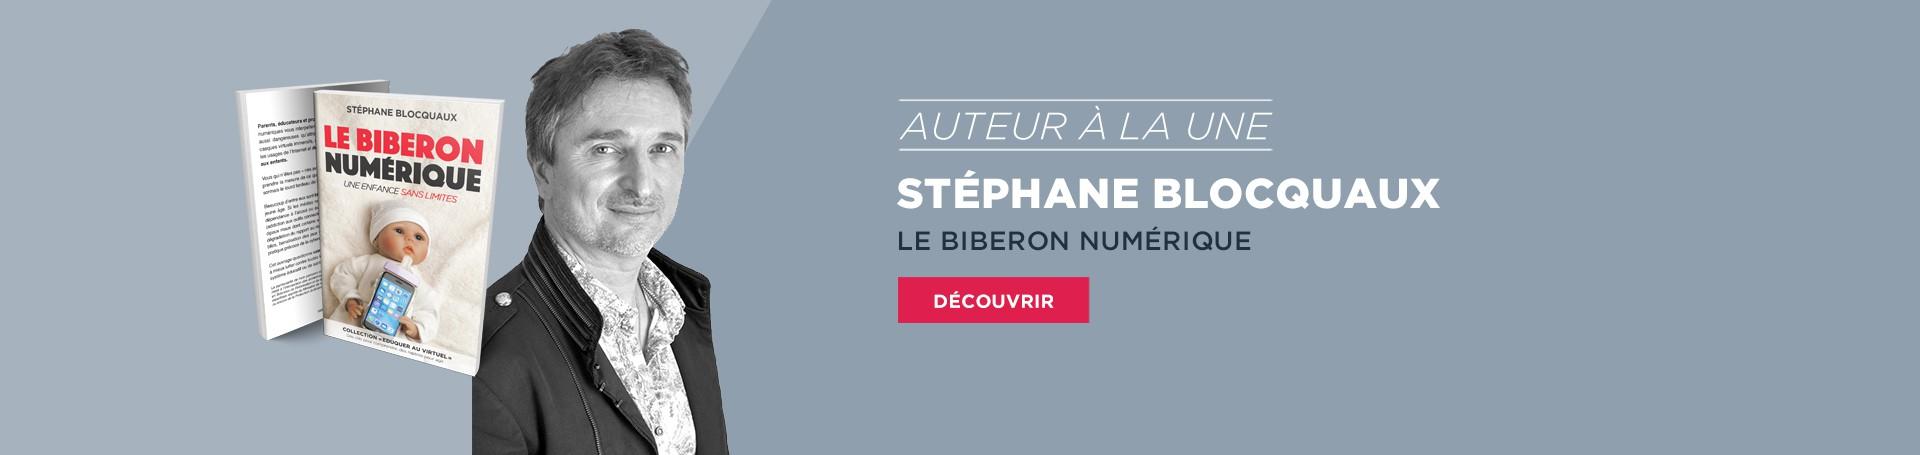 Le biberon numérique - Stéphane Blocquaux